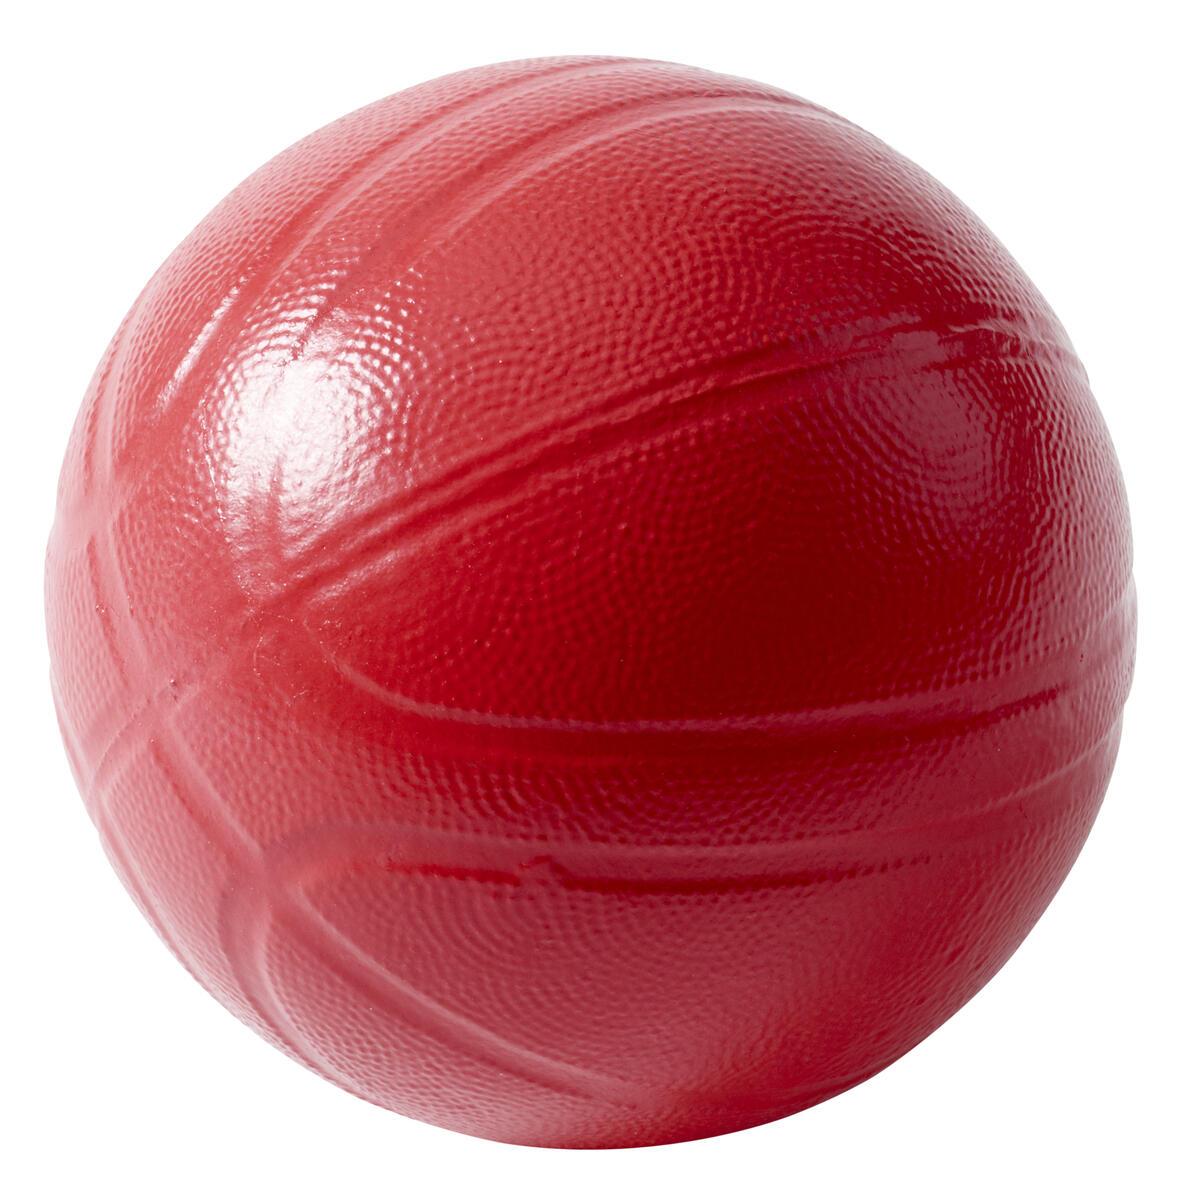 Mjuk basketboll stl.5 - Lekolar Sverige 8f2bfaec92756